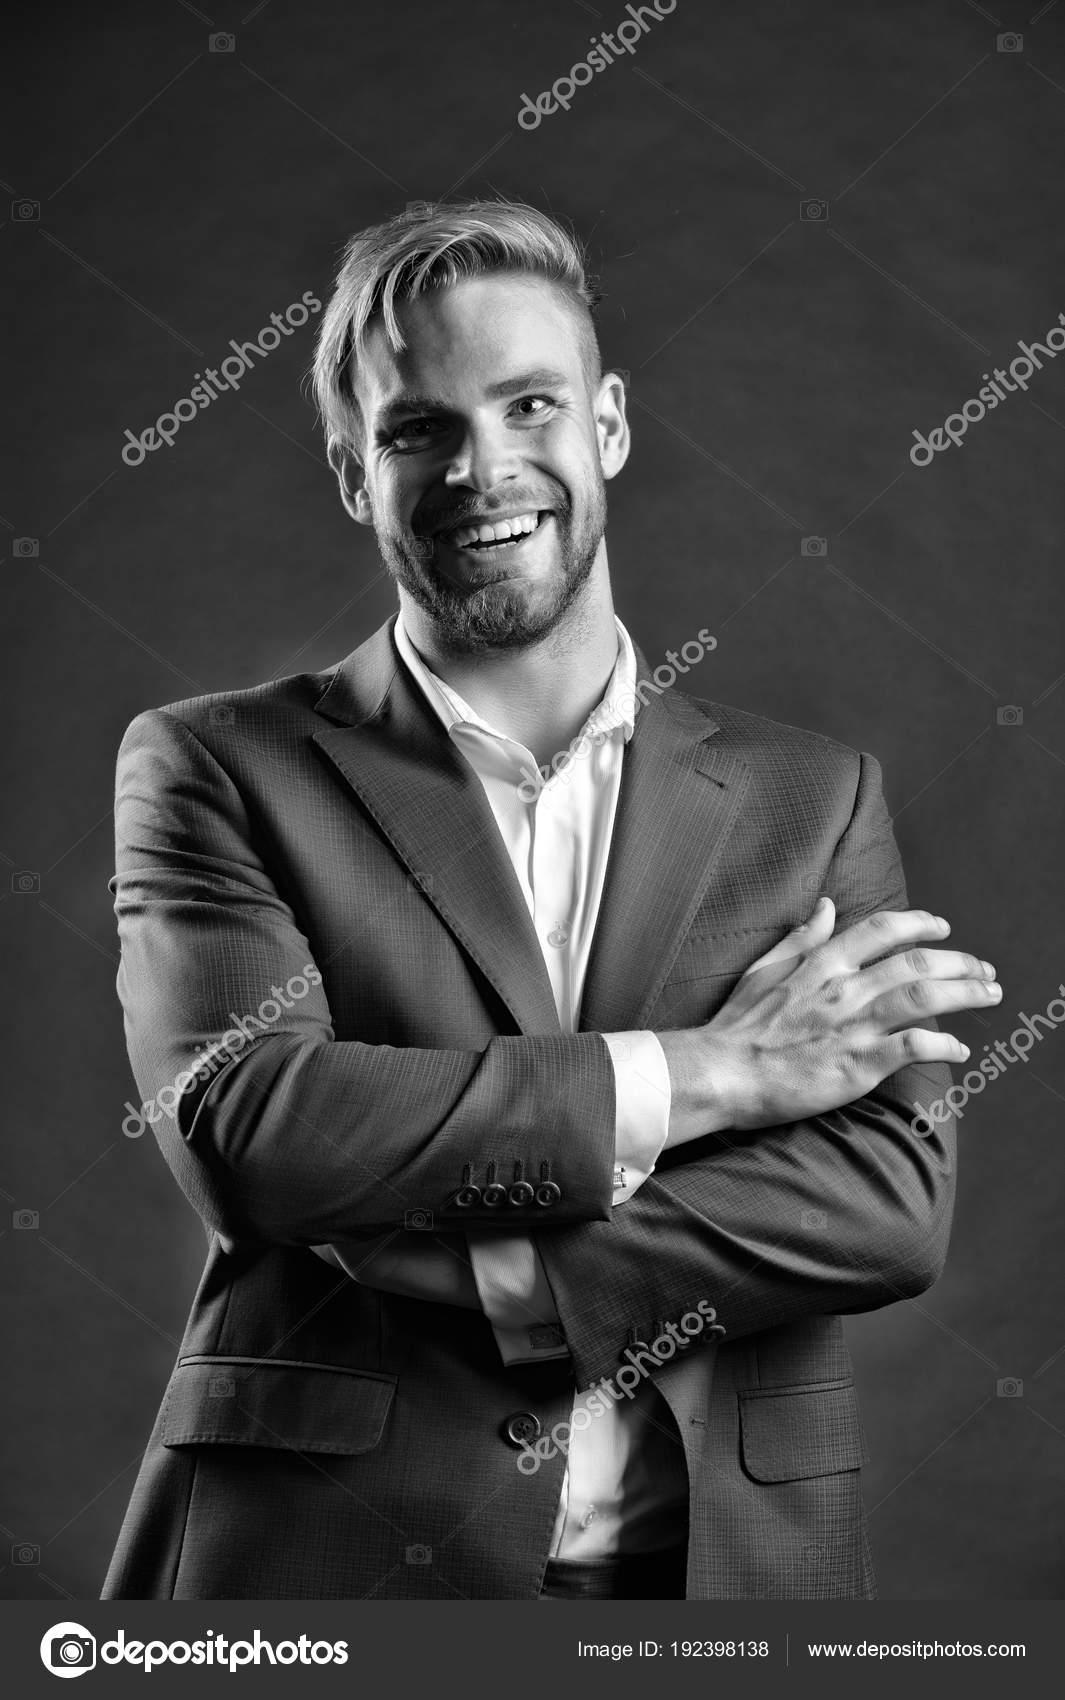 Uomo con barba e capelli alla moda. Amministratore delegato felice in abito  formale. Moda 7c4588e615e